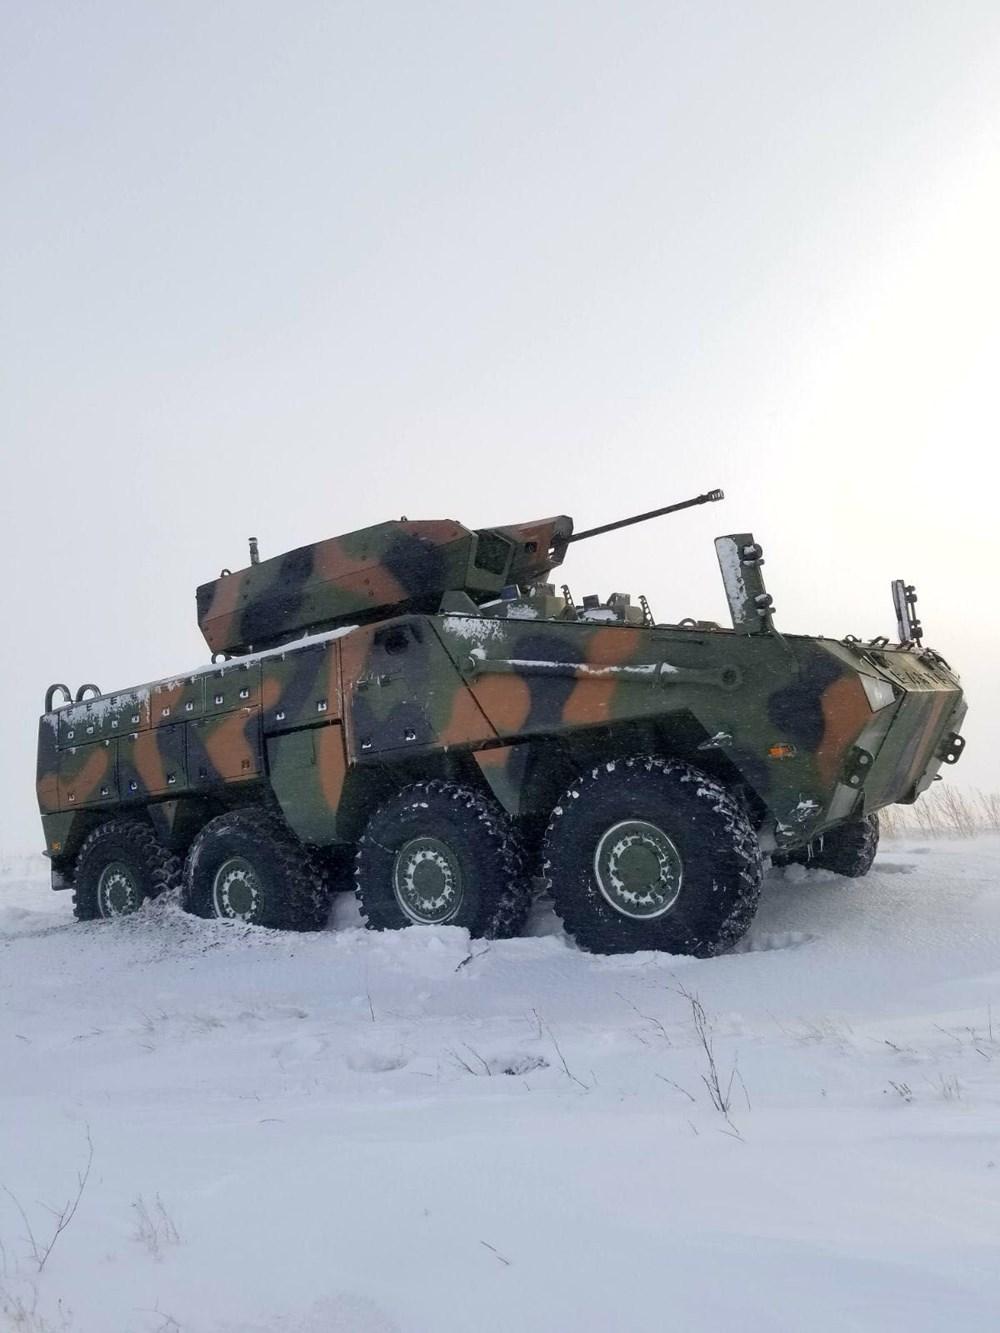 ALPAGU hedefi tam isabetle vurdu (Türkiye'nin yeni nesil yerli silahları) - 226